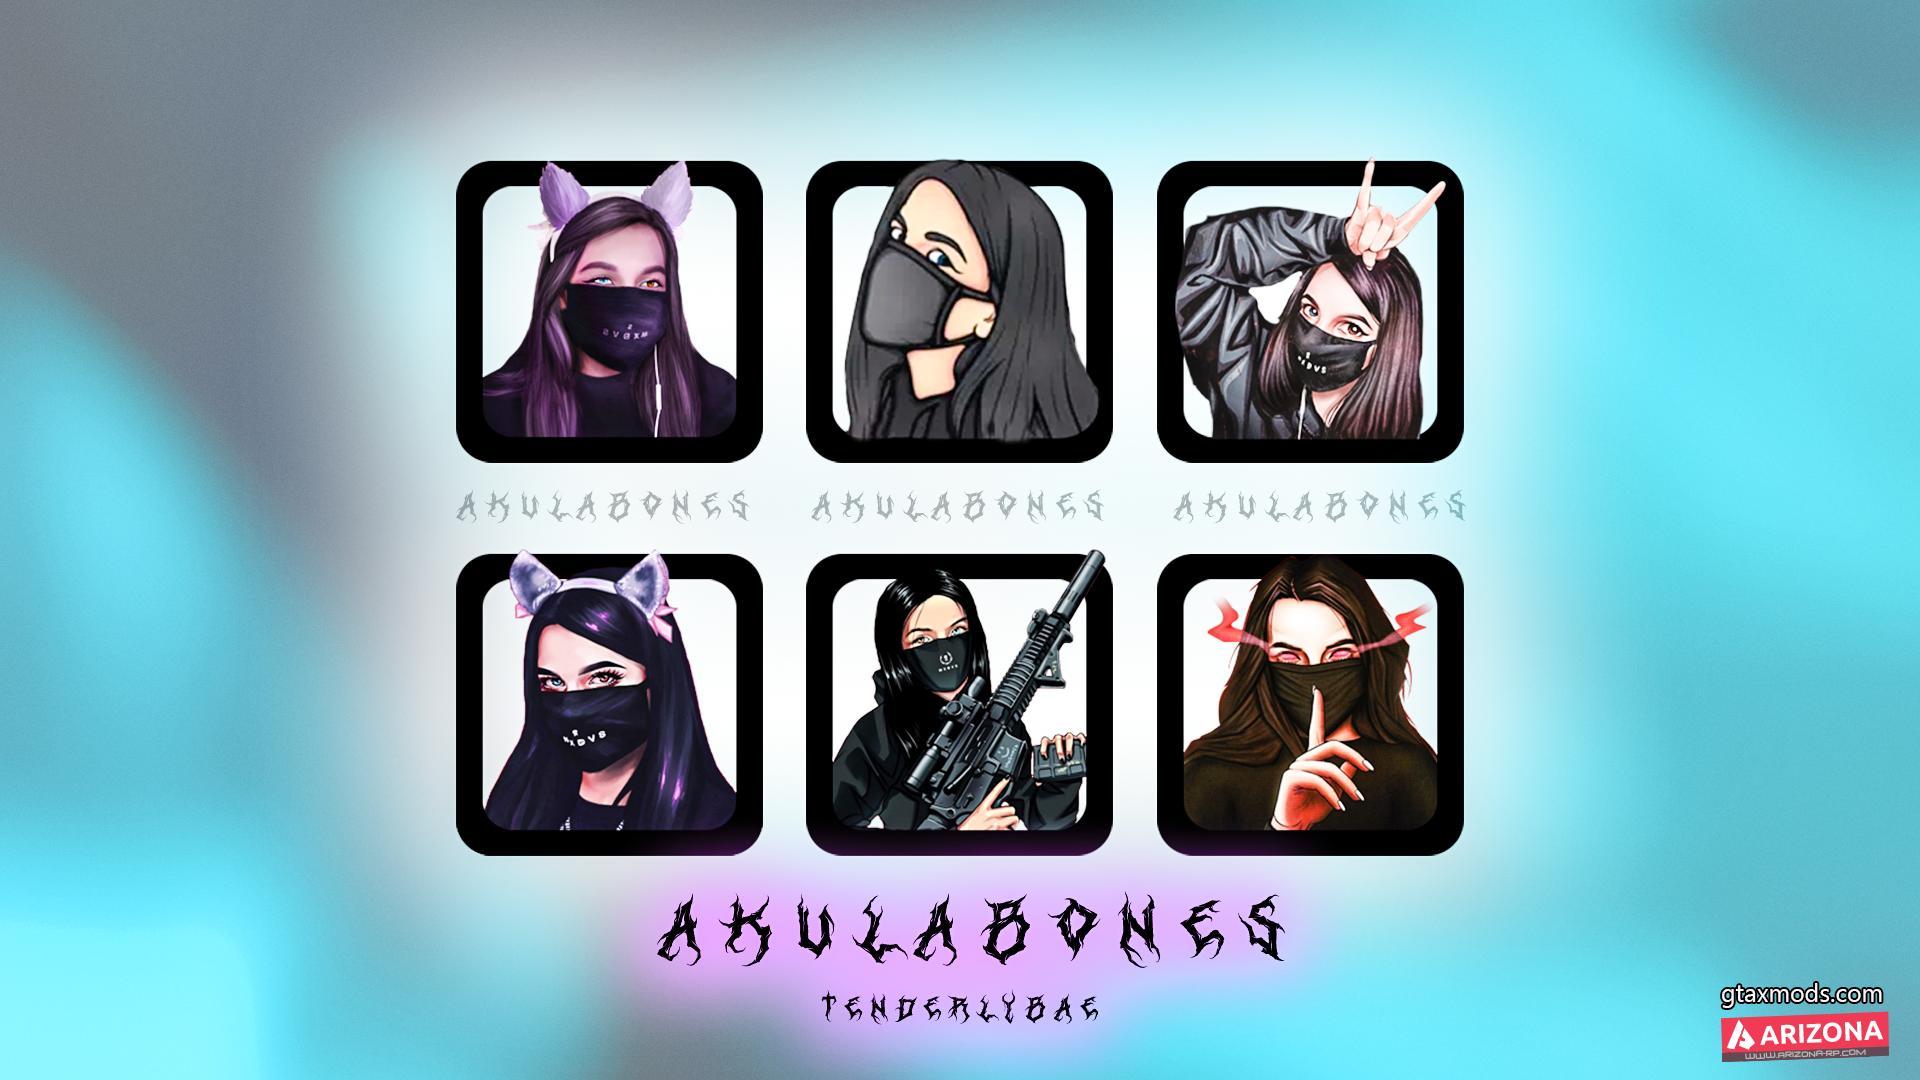 tenderlybae fistpack | by AkulaBOnes